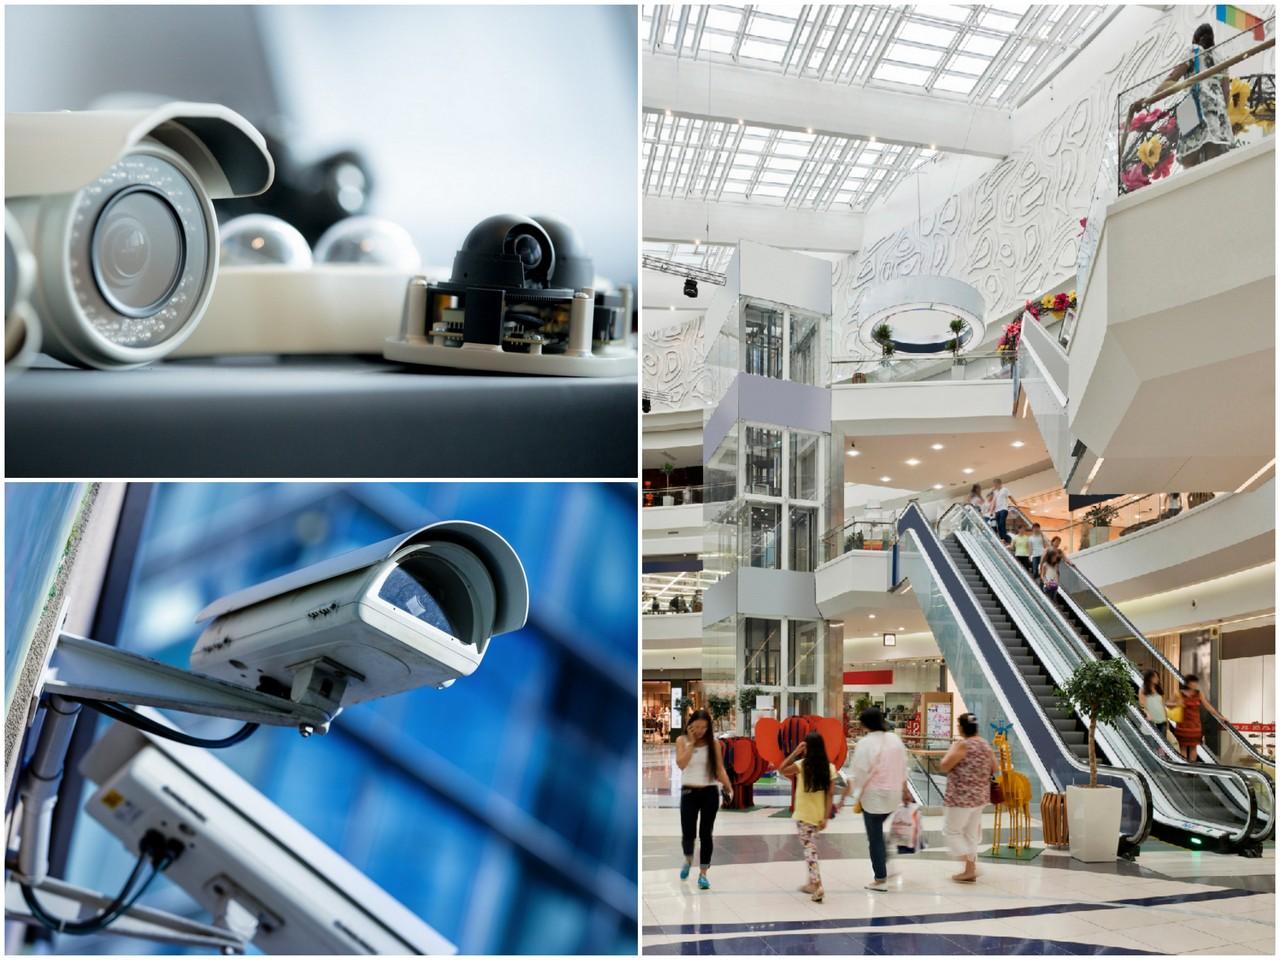 Зачем нужно видеонаблюдение в торговом центре